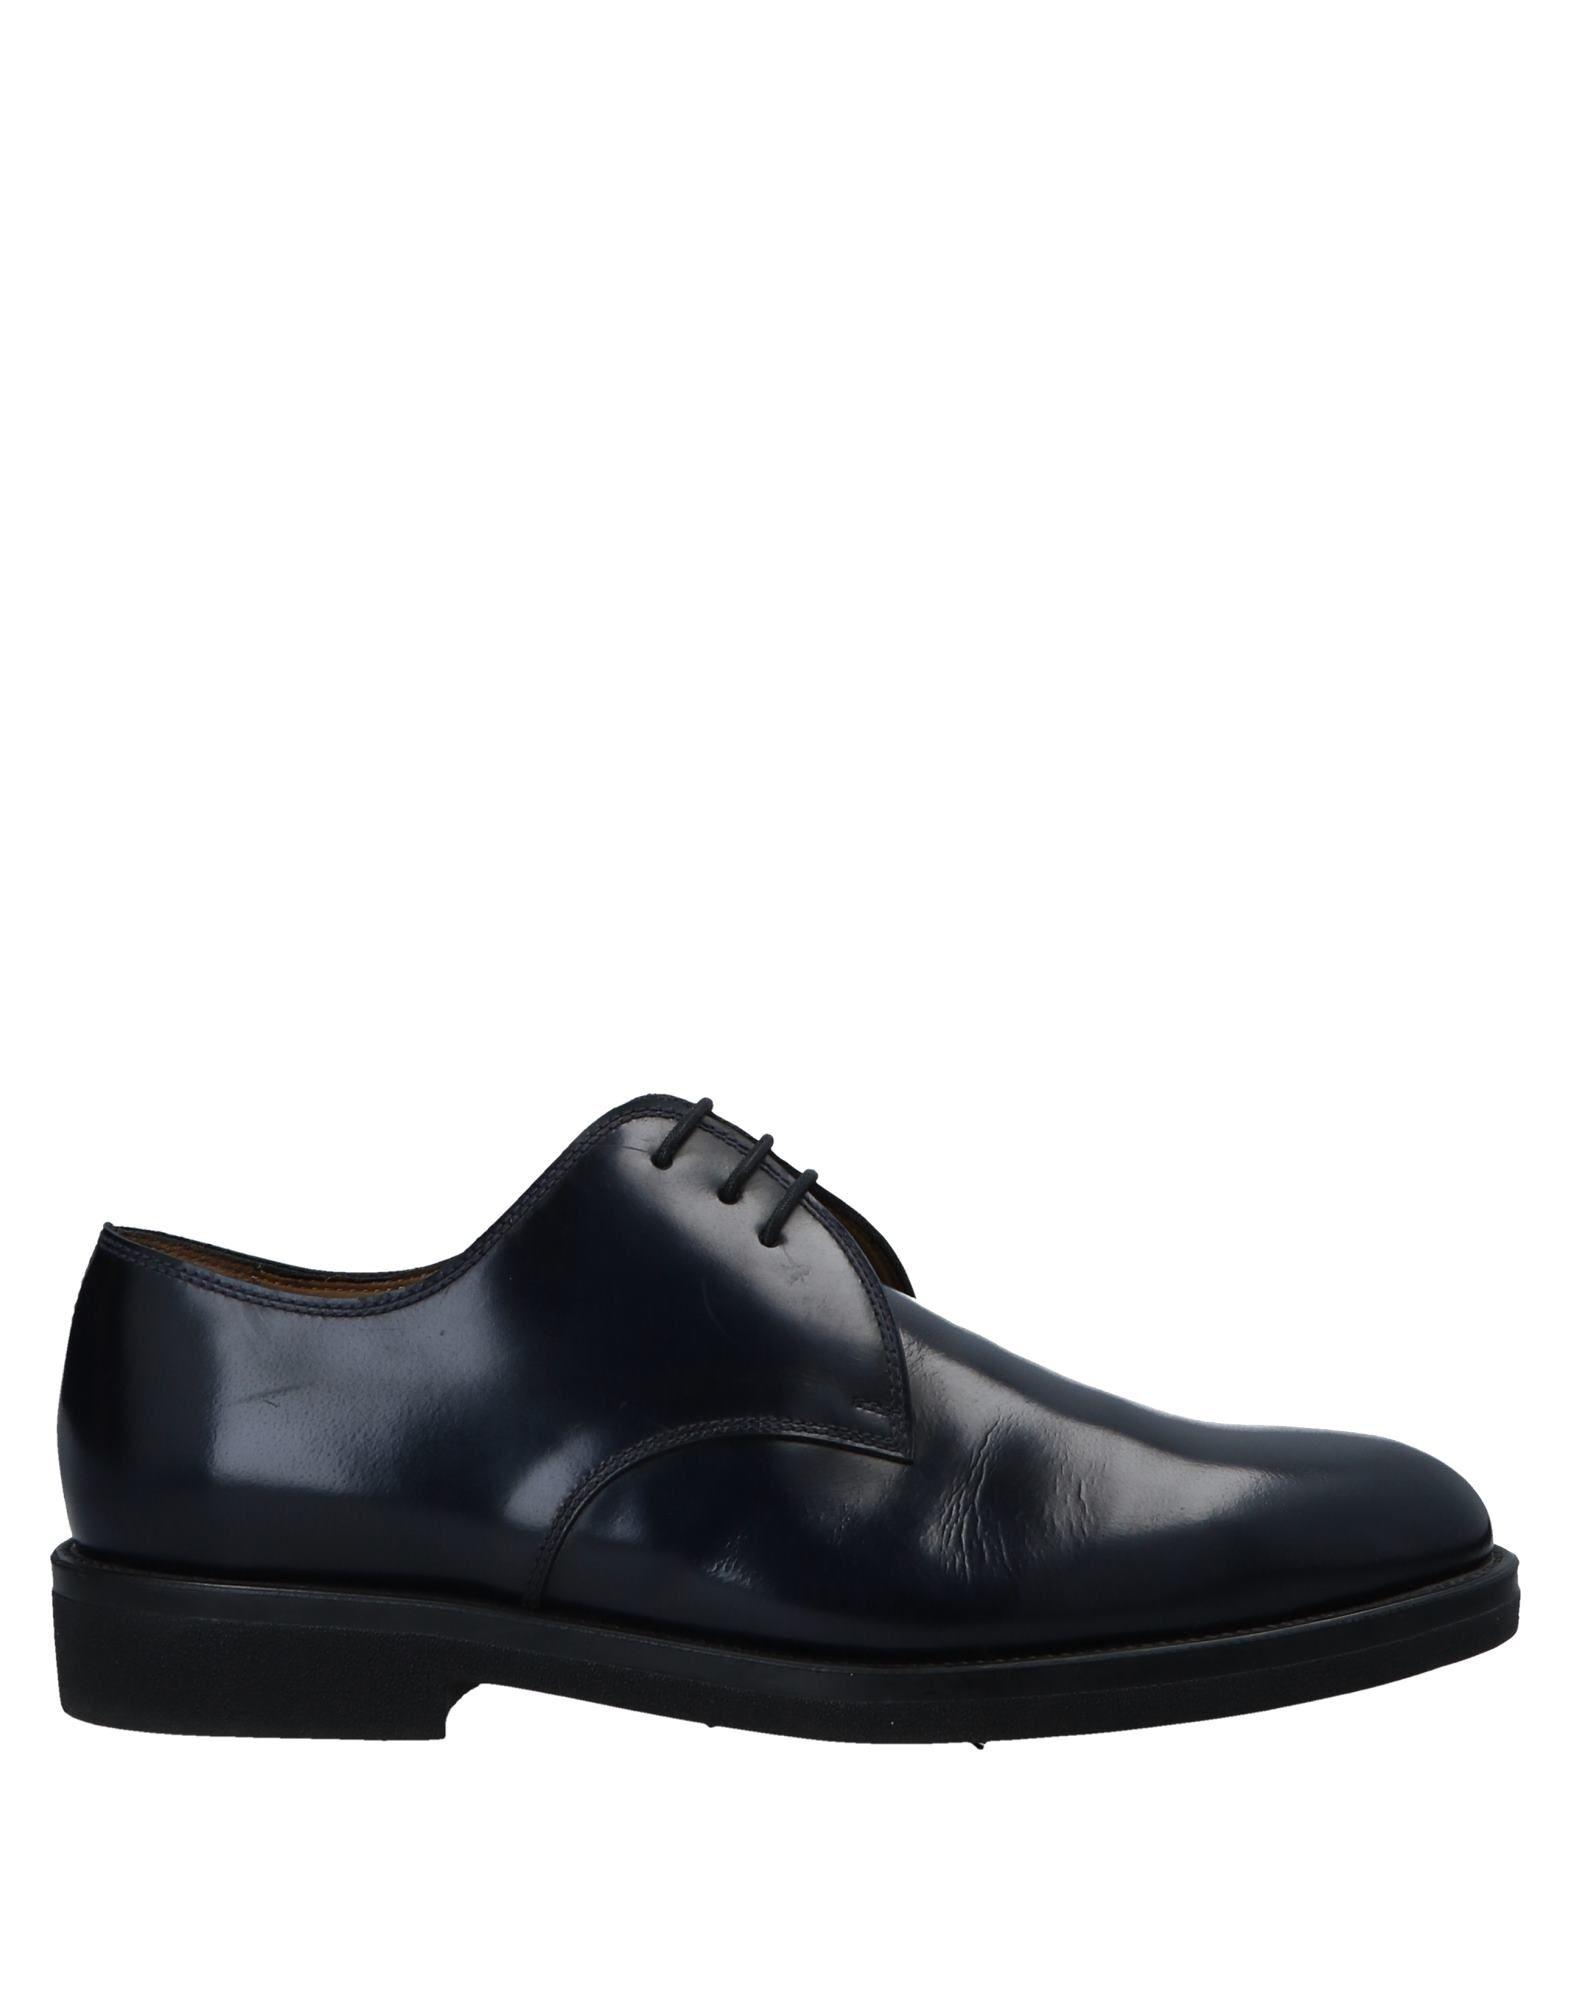 Zapato De Cordones Cordones De Blu|Barrett By Barrett Hombre - Zapatos De Cordones Blu|Barrett By Barrett 10d5e0